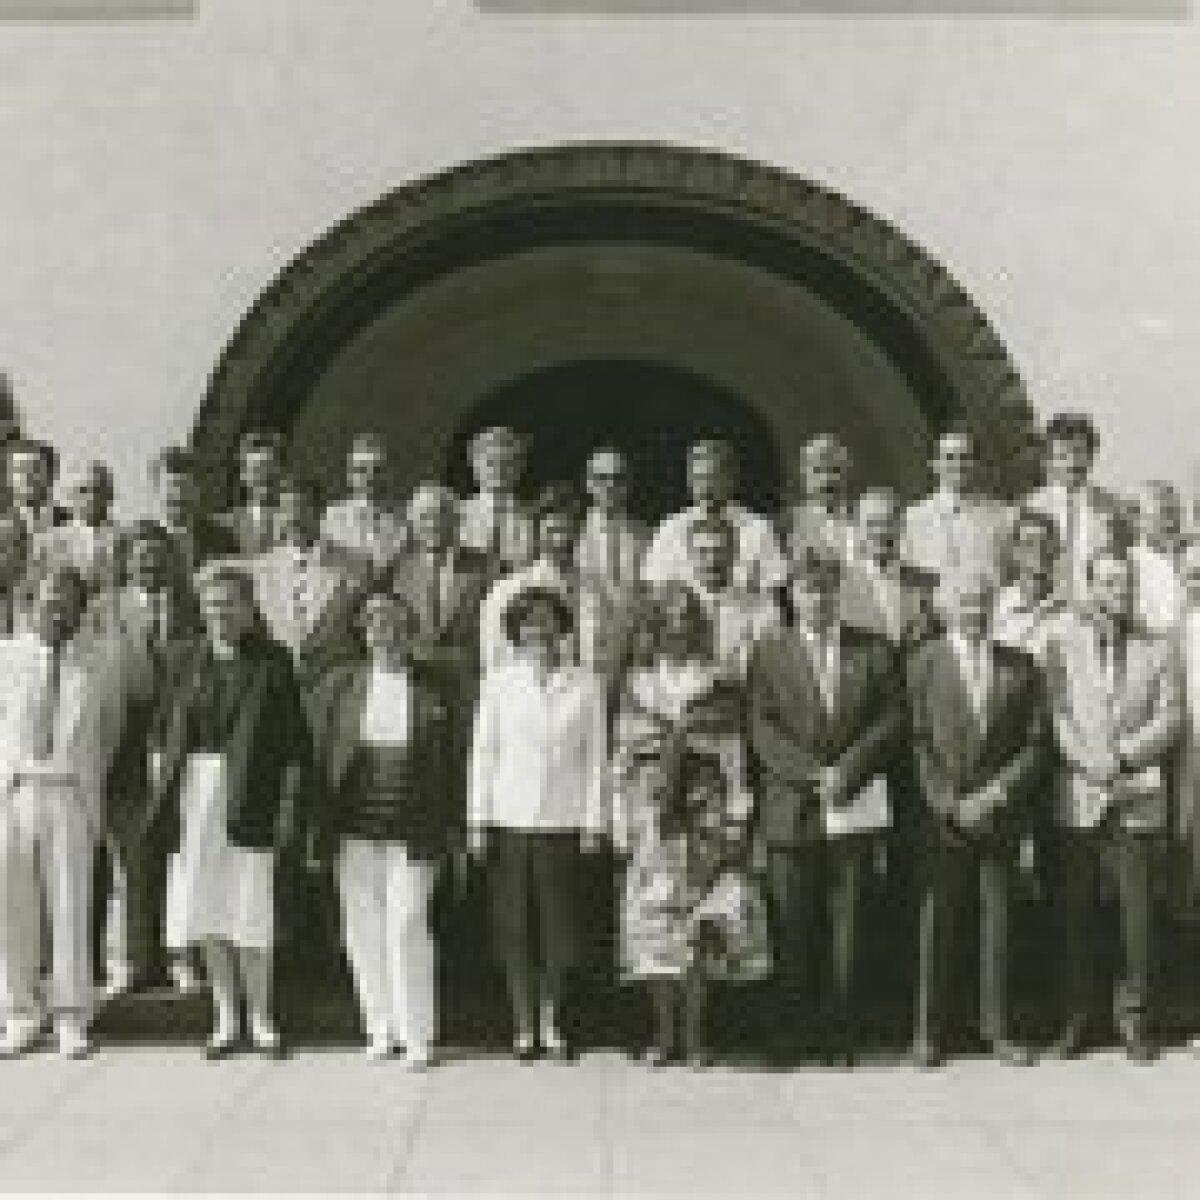 Põhiseaduslik assamblee, 07.1992, Foto: Tiit Veermäe, ETA, EE Arhiiv